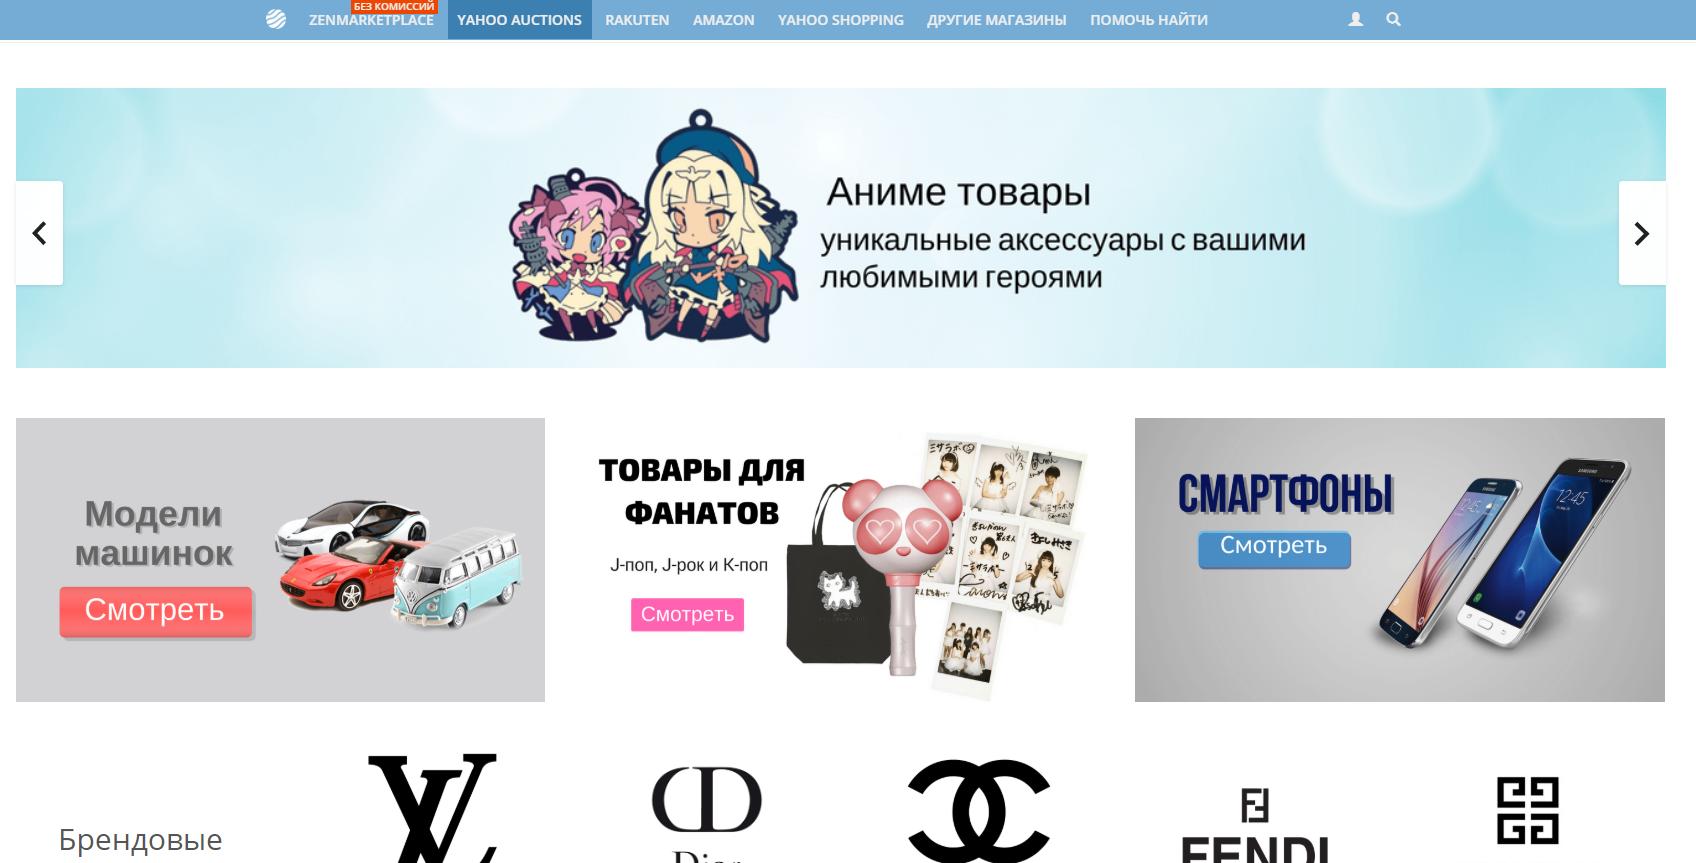 купить аниме товары из Японии - аукционы Яху - ZenMarket